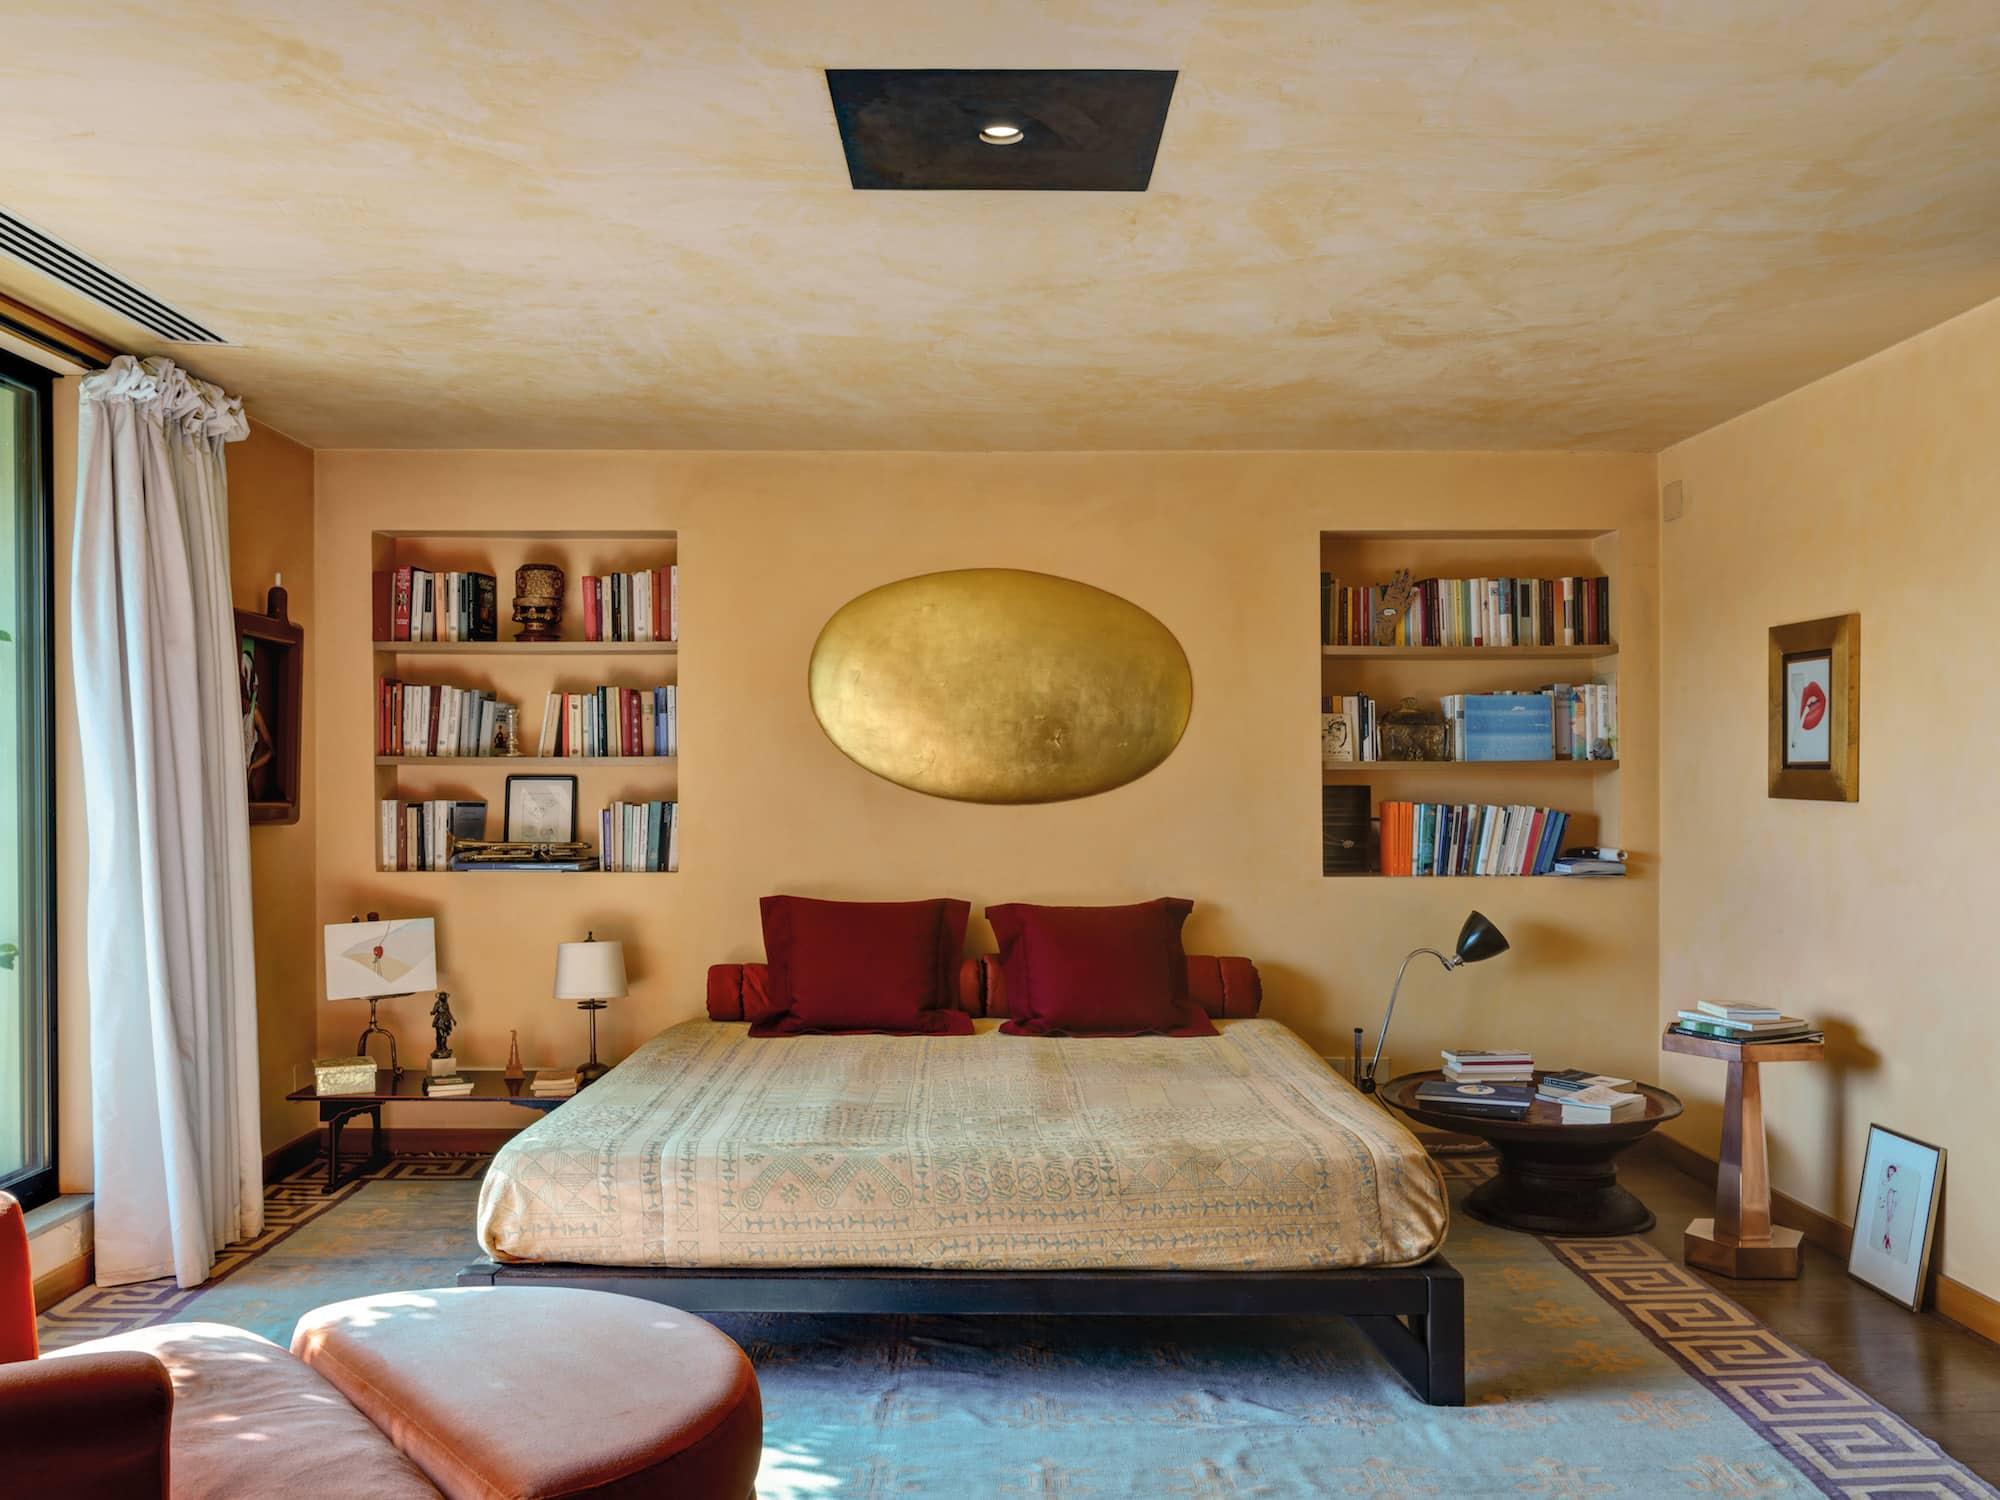 bedroom by Aldo Cibic